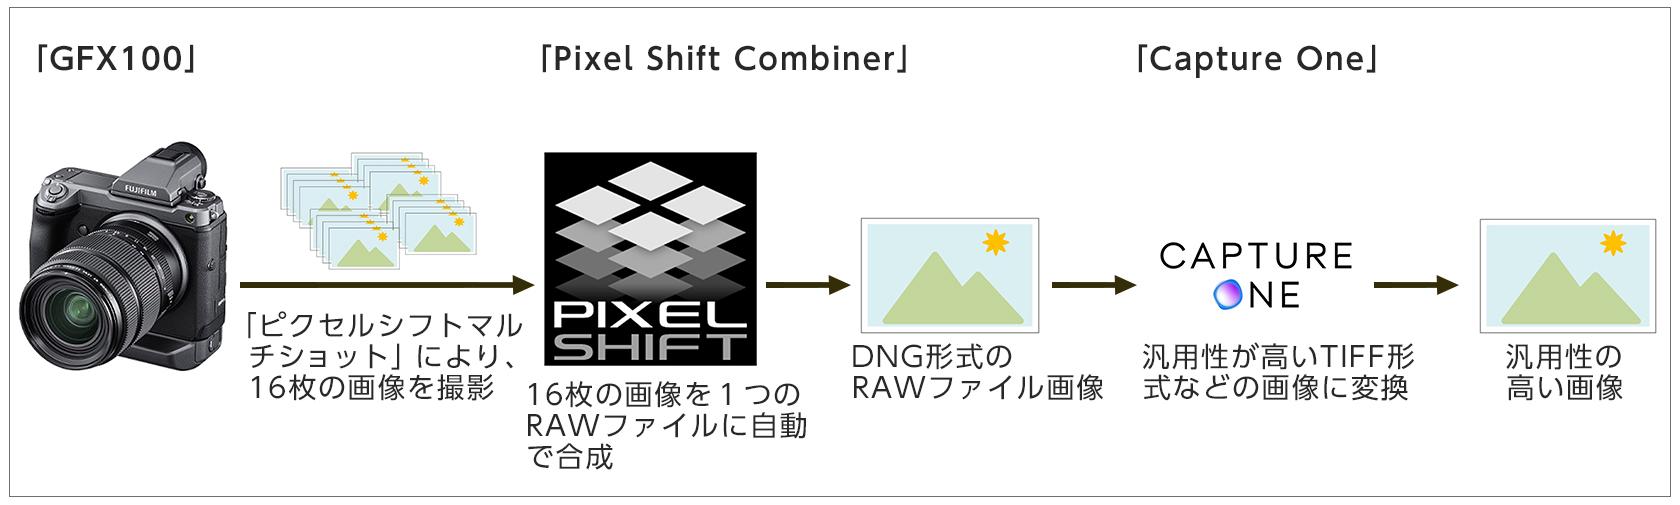 [図]「ピクセルシフトマルチショット」を用いたデジタルアーカイブのワークフロー